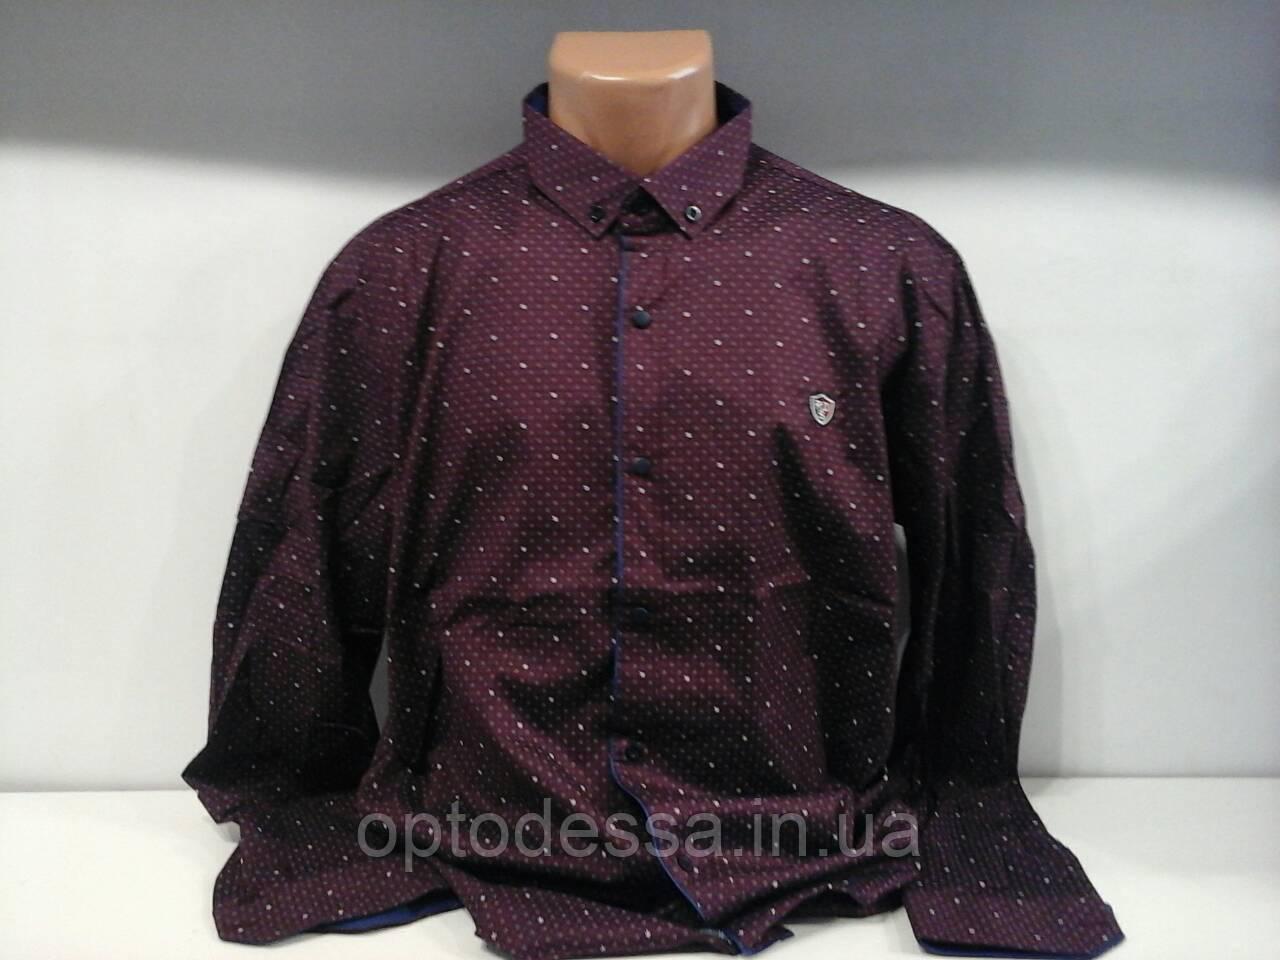 Рубашка мужская БАТАЛ R.D